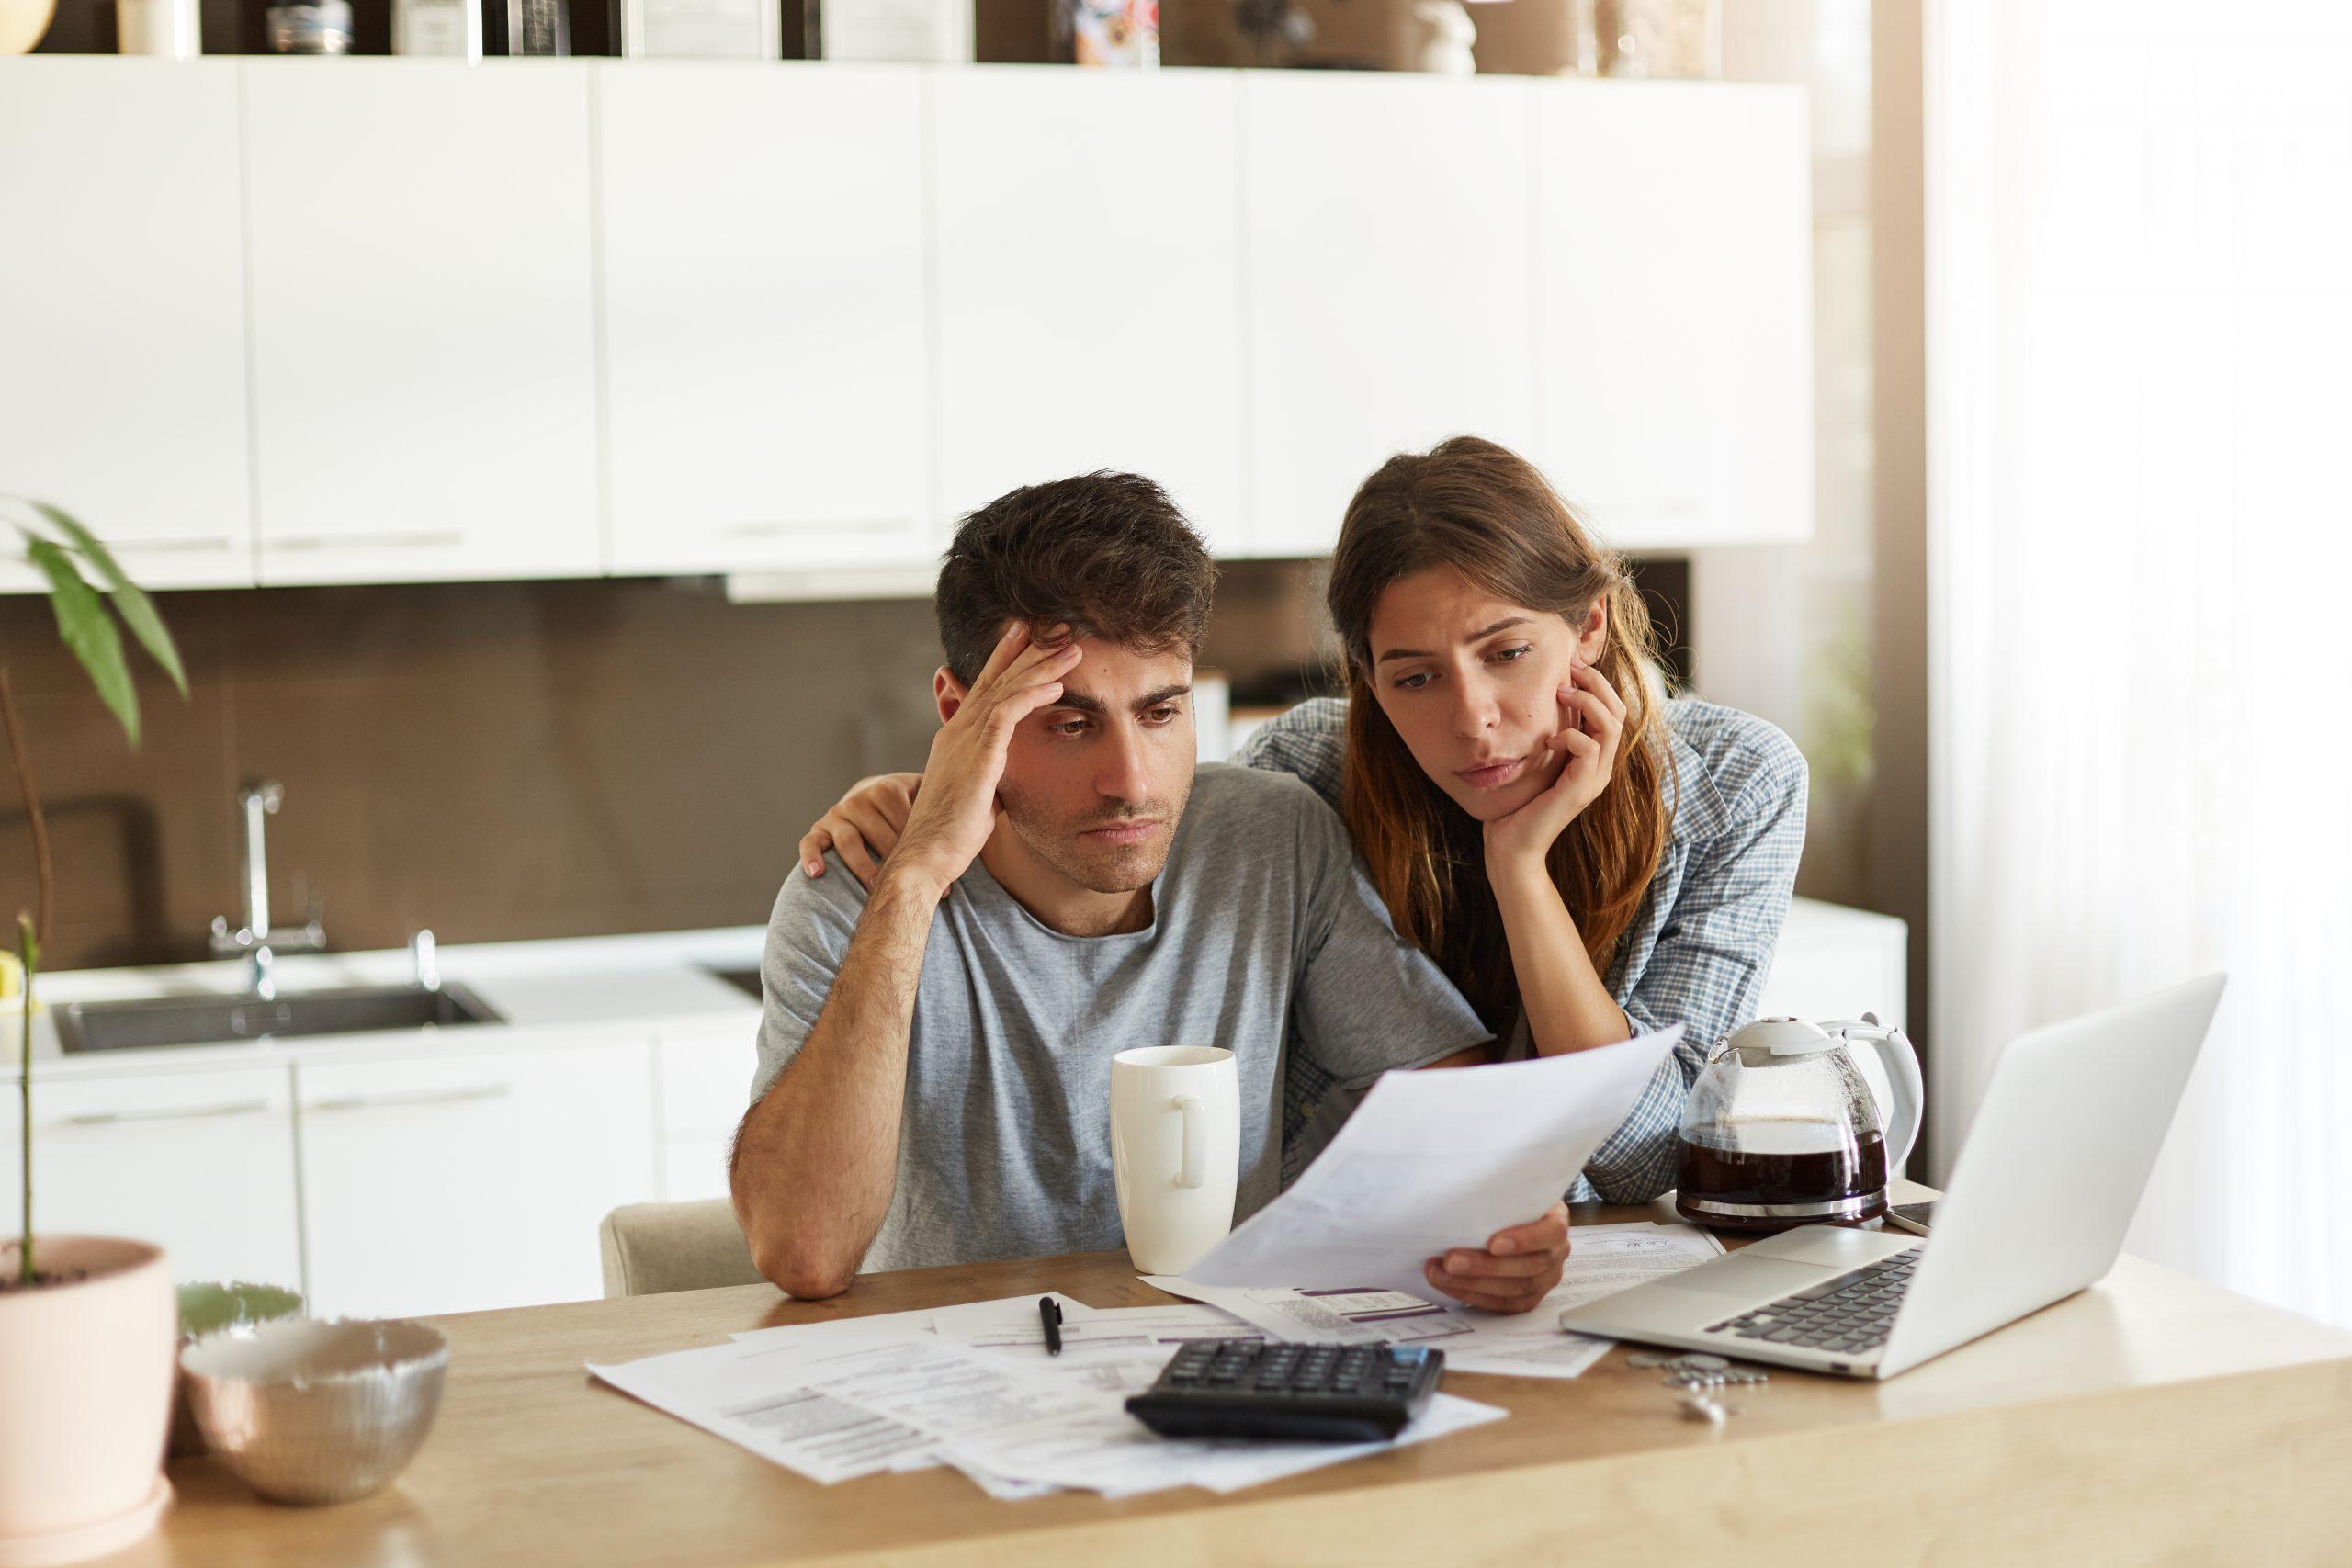 fiscal, economía, CFDI, SAT, lista negra, contribuyente, adeudo, obligaciones fiscales, factura, hacienda, PIB, código fiscal